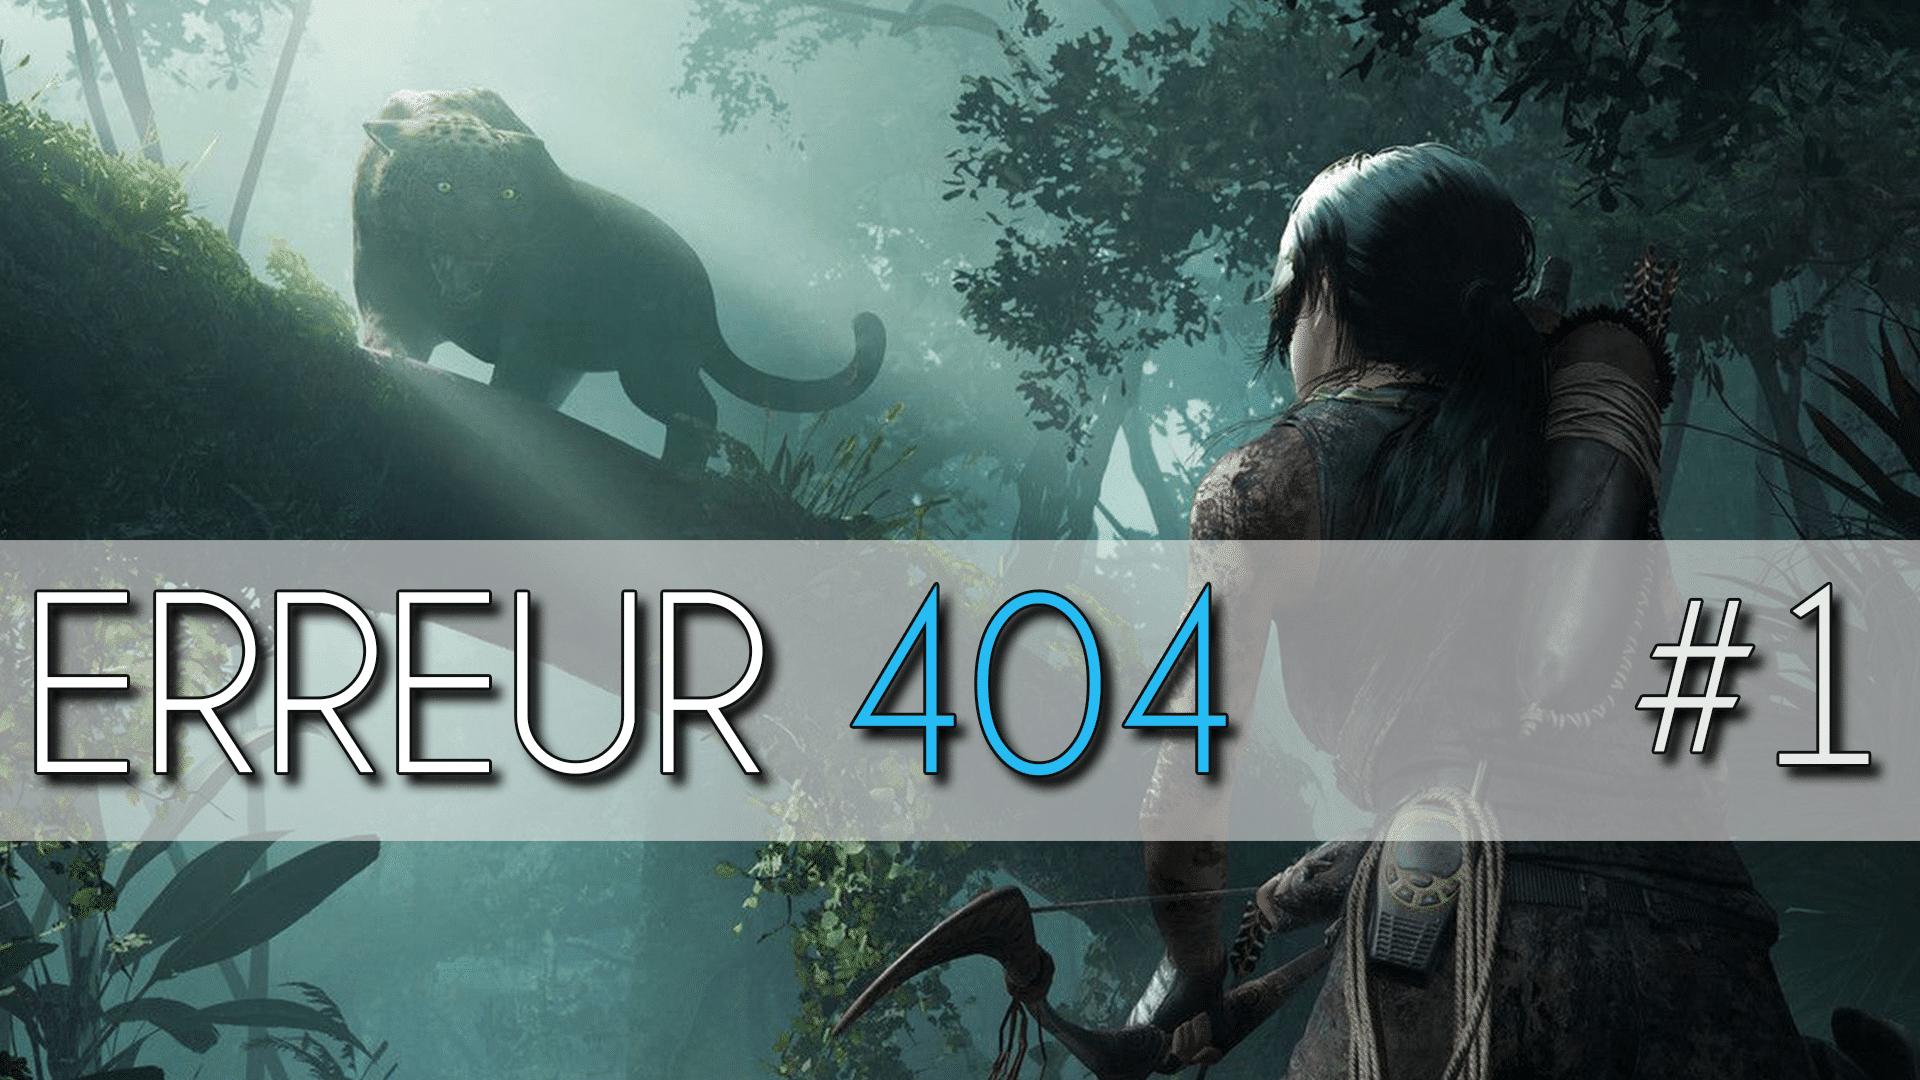 ERREUR 404 NUMERO 1